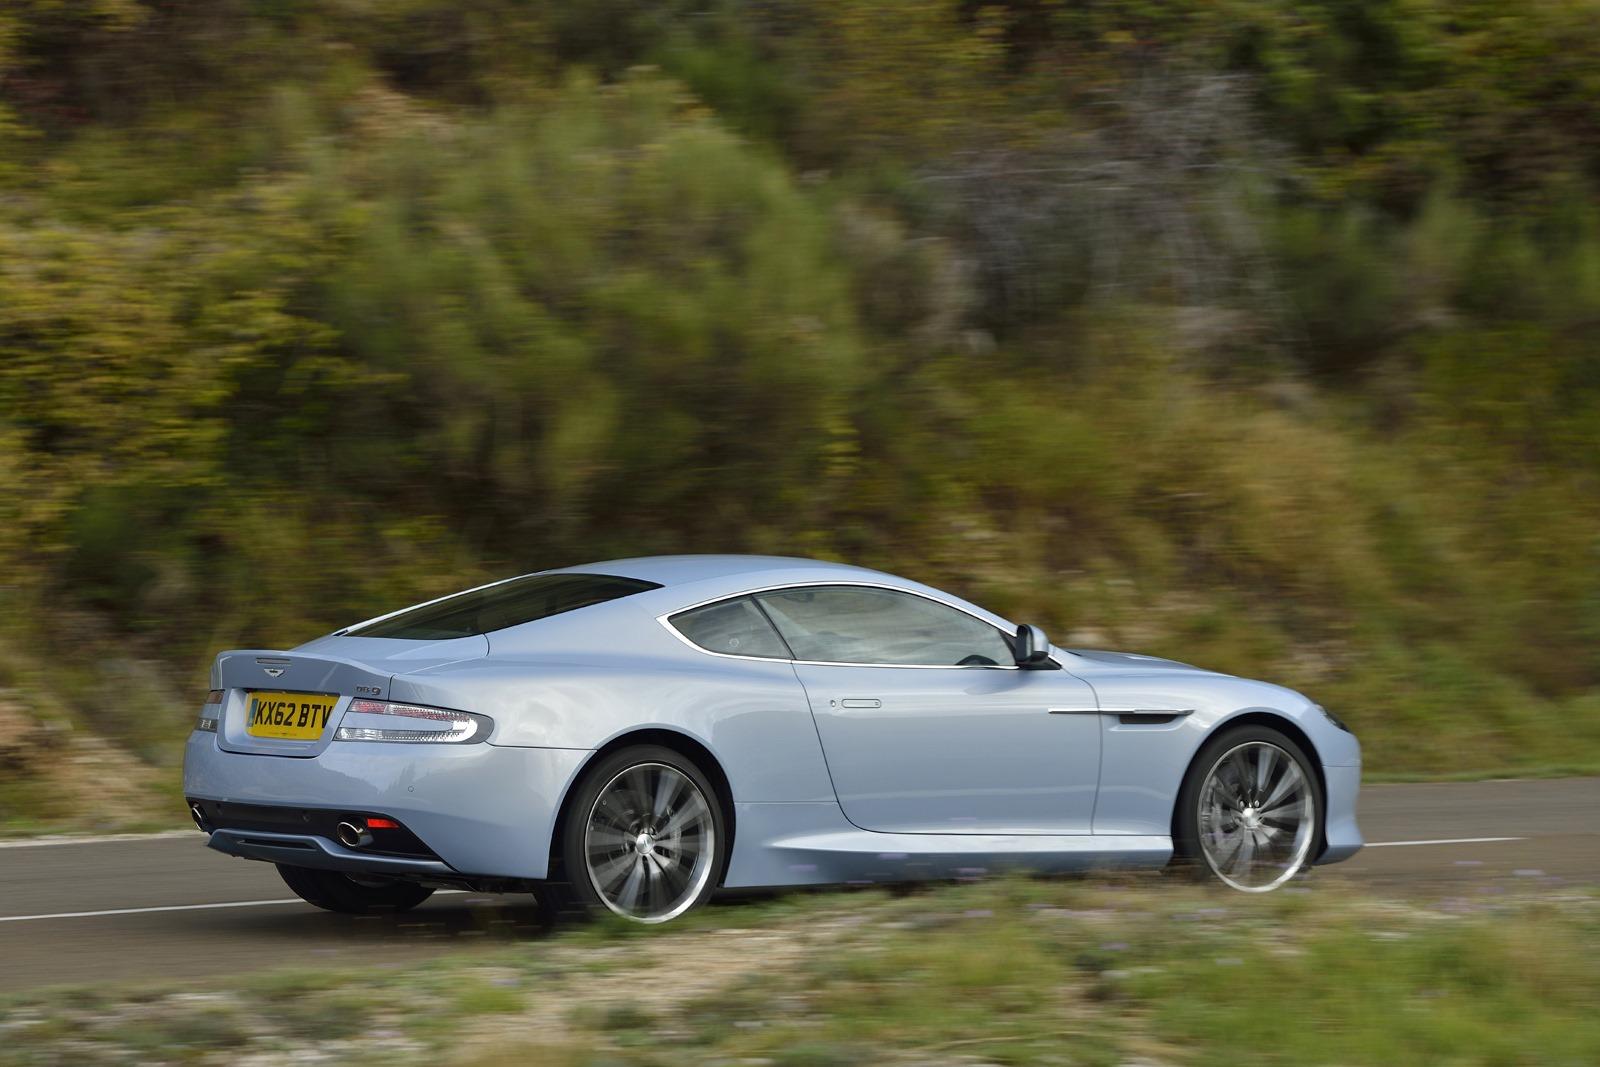 Aston-Martin-DB9-4%25255B3%25255D.jpg